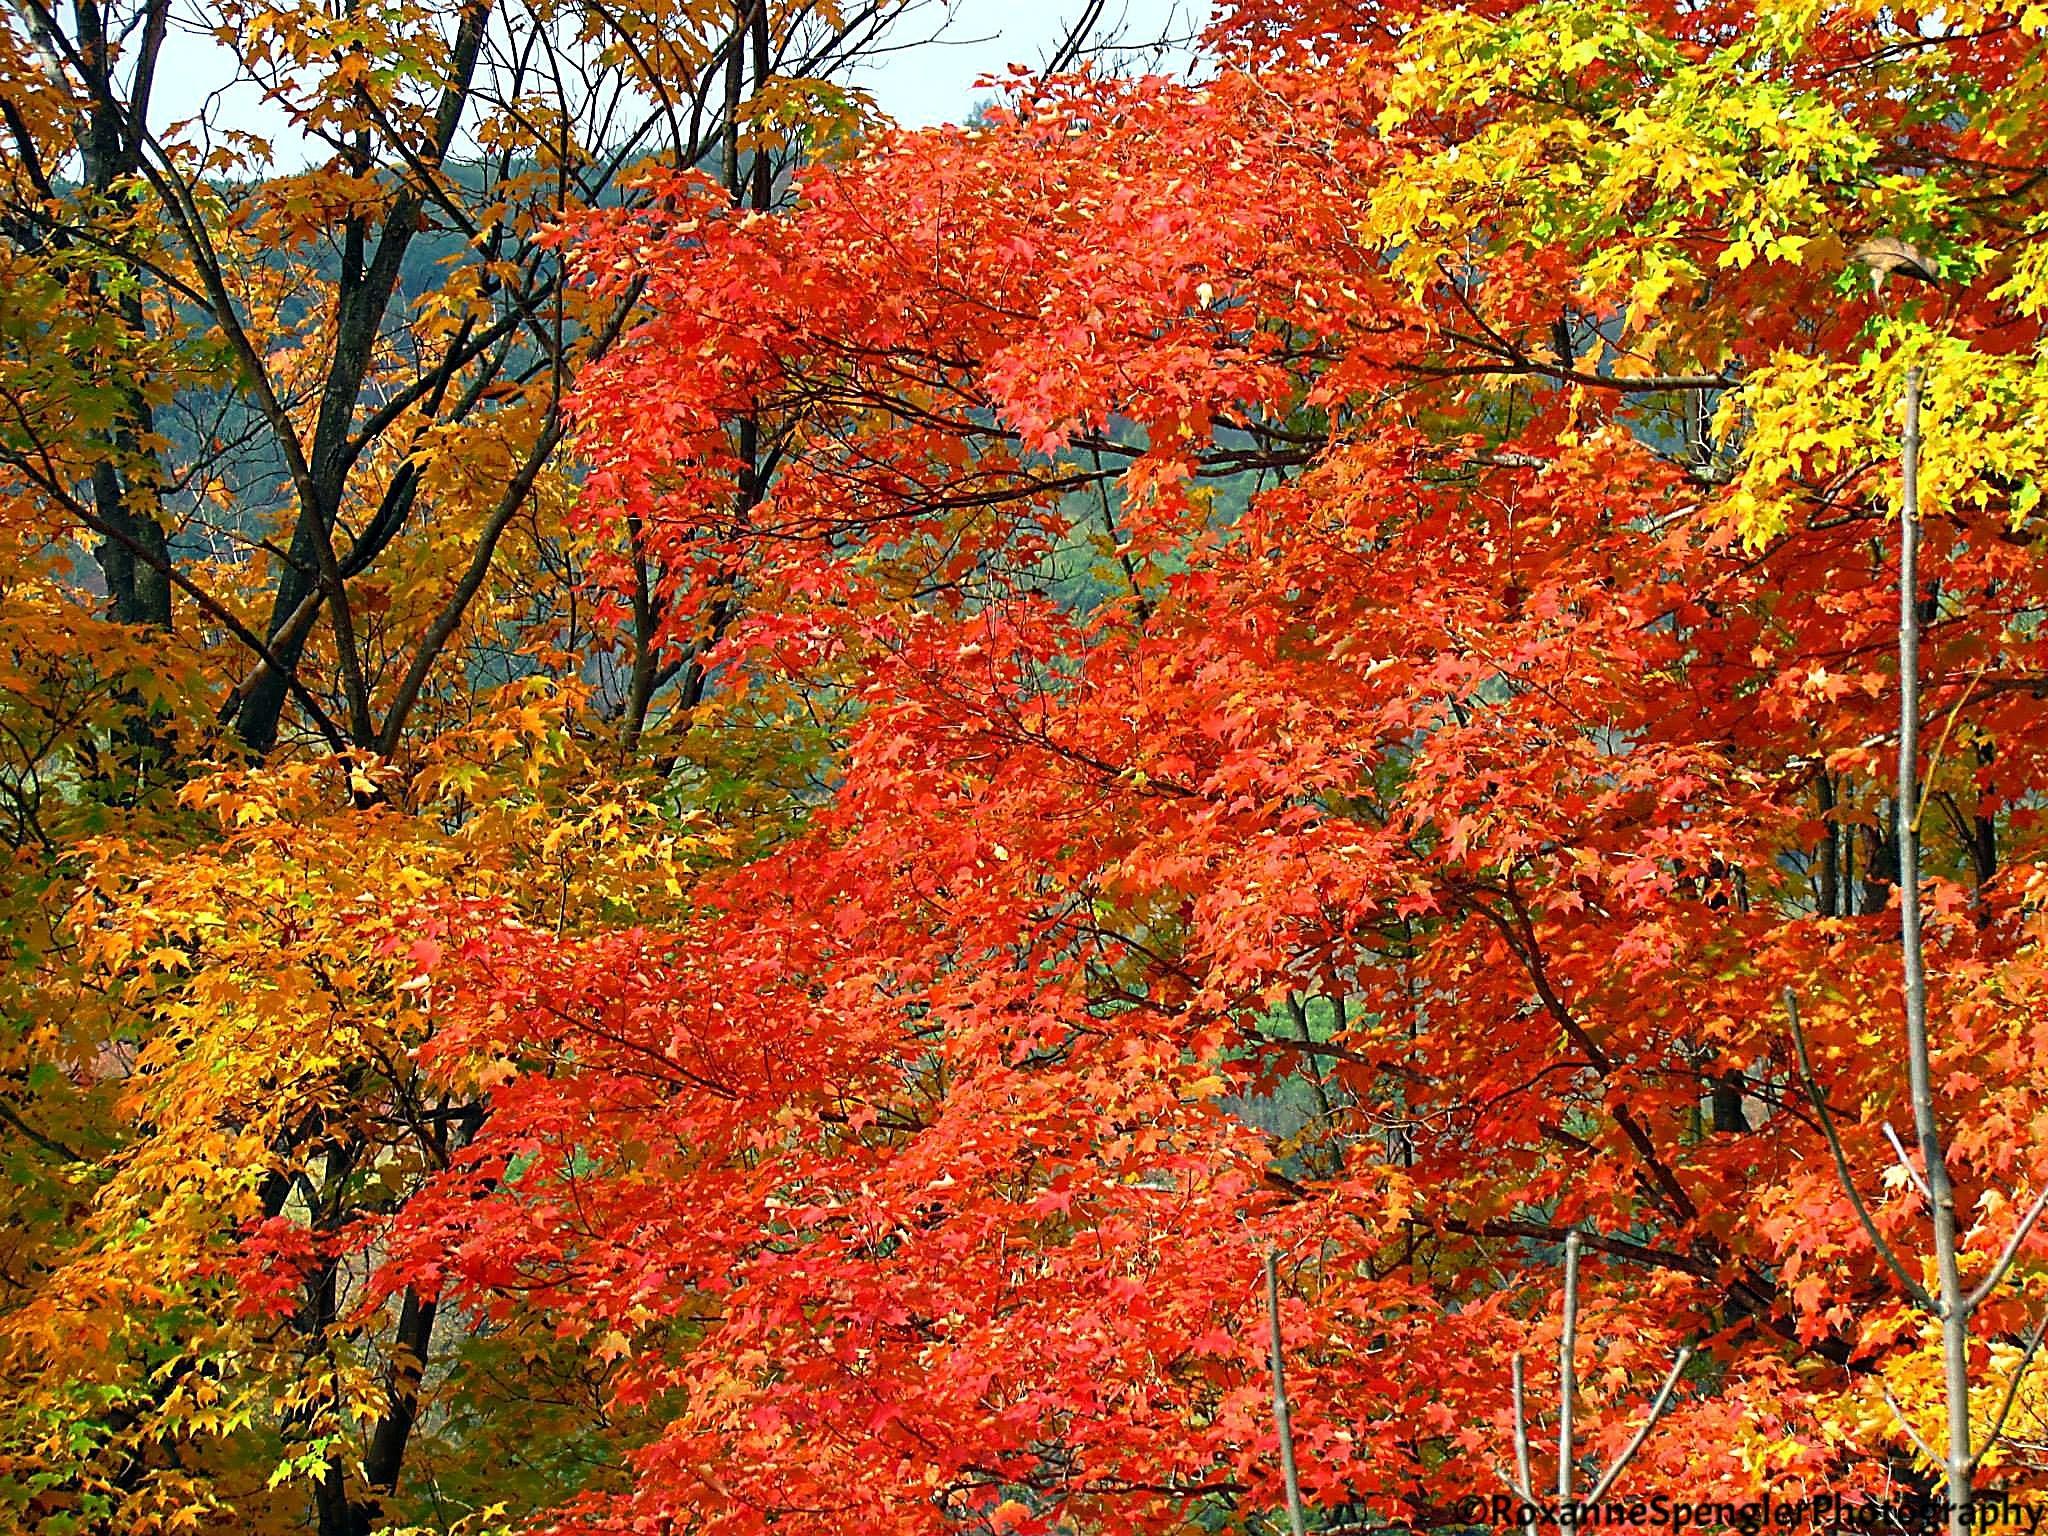 Autumn by Roxanne Spengler